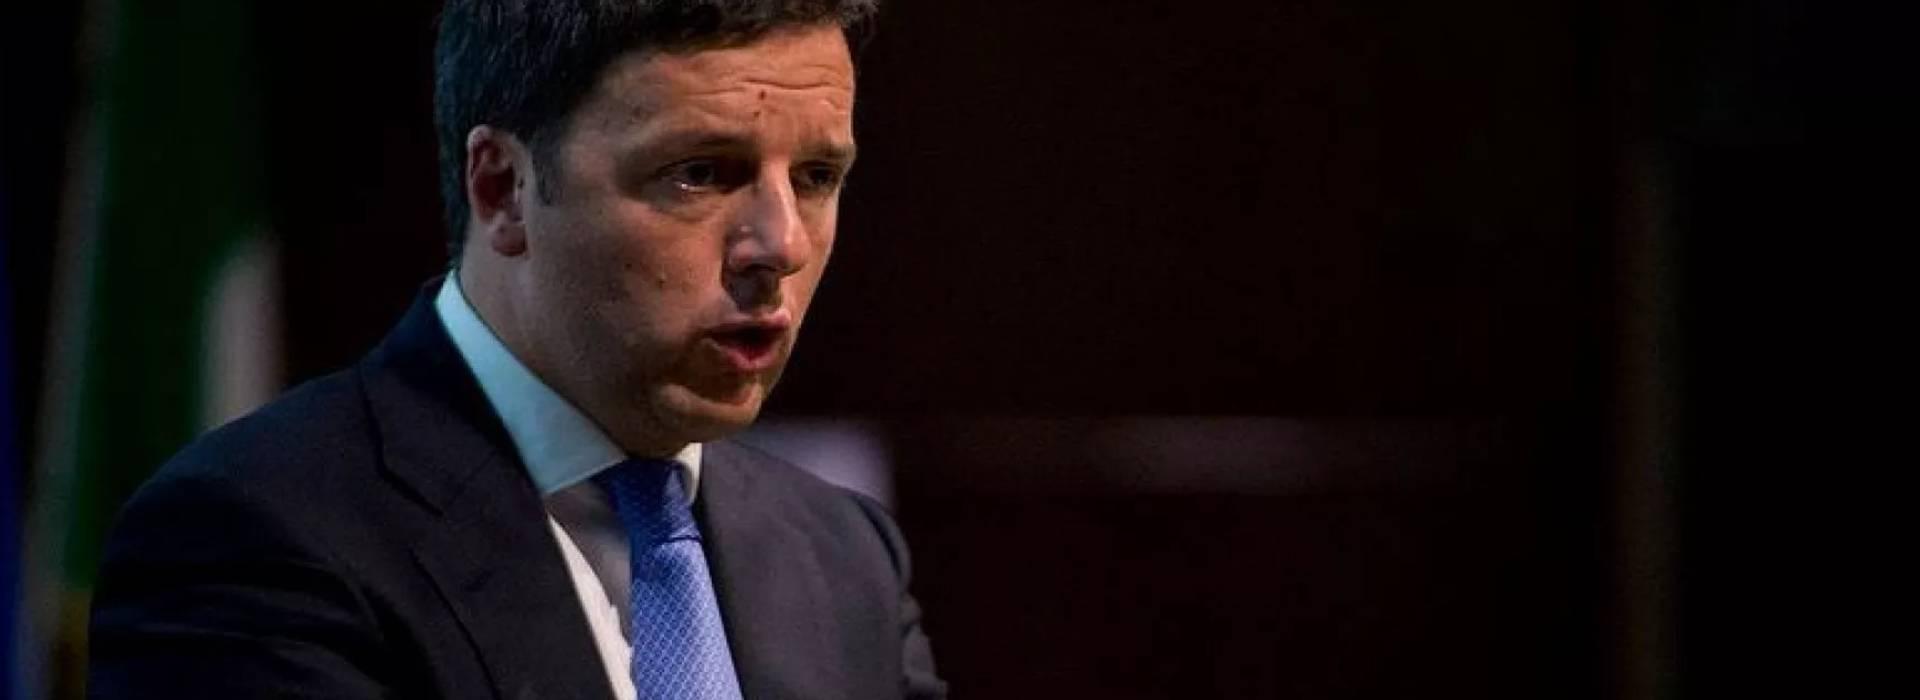 """L'ultimo dpcm è """"uno scandalo costituzionale"""". Renzi: """"Ora basta calpestare i diritti"""""""